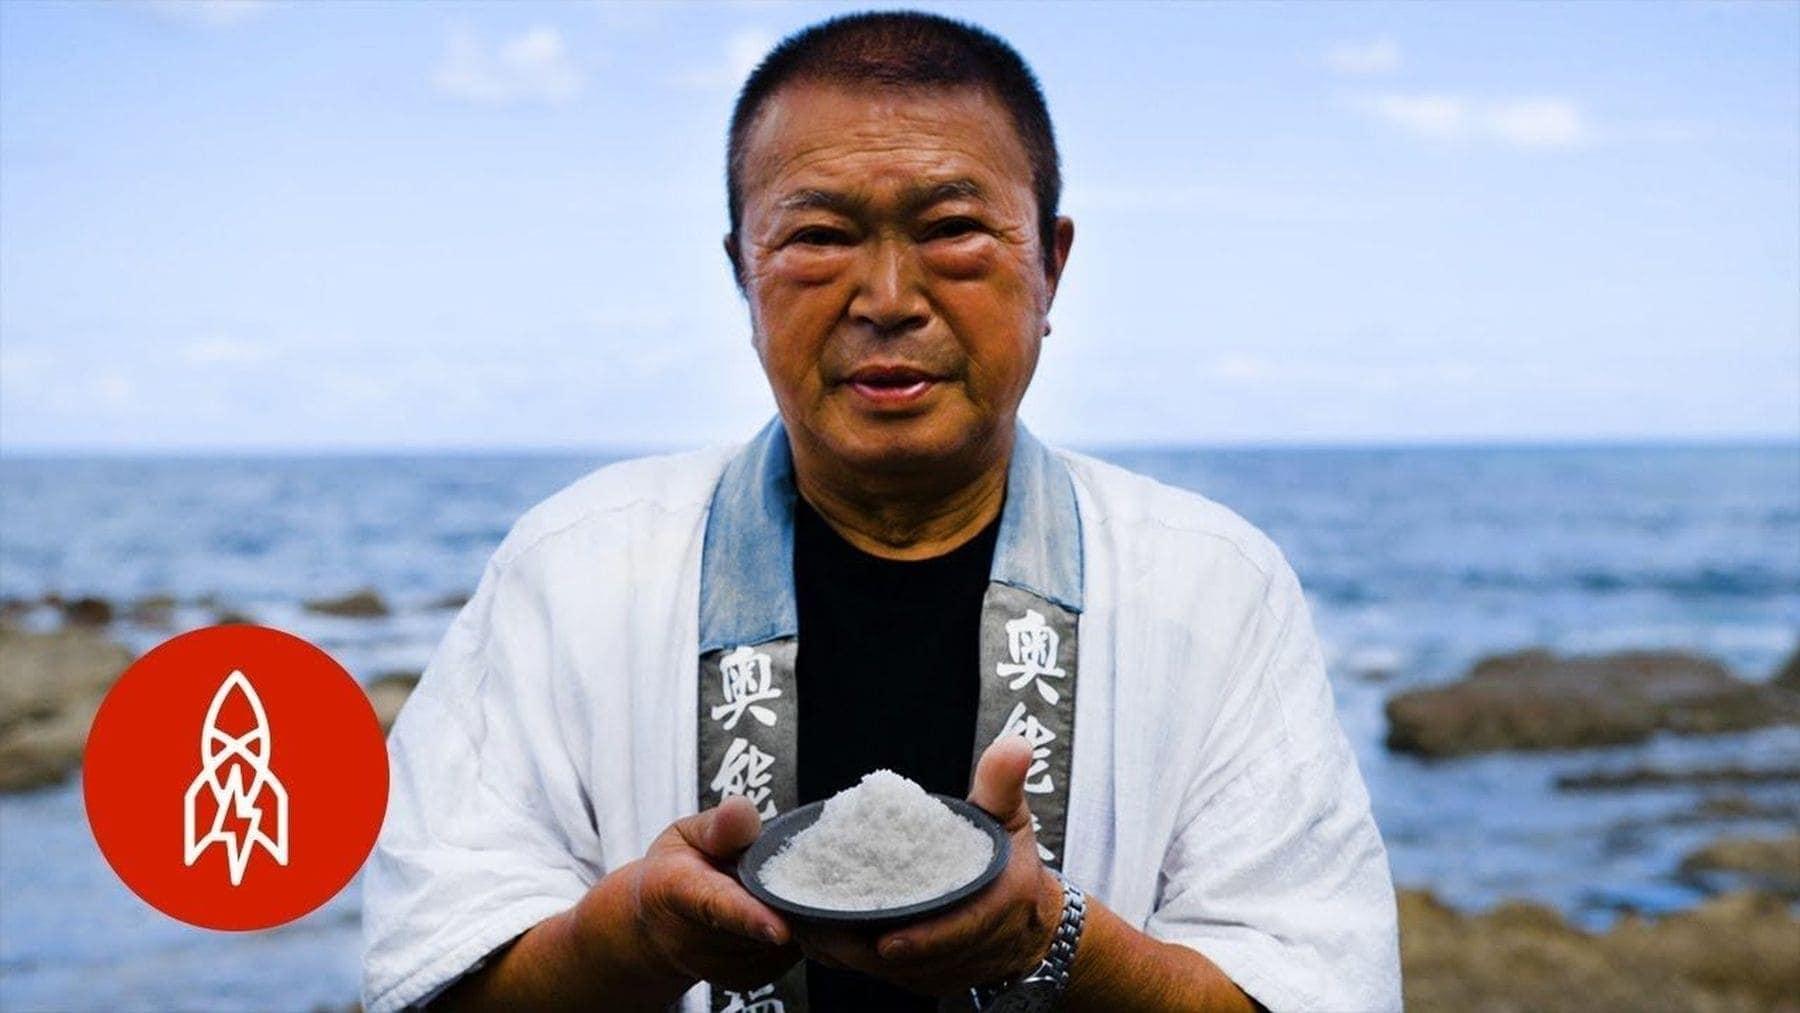 Wie Meersalz traditionell in Japan hergestellt wird | Handwerk | Was is hier eigentlich los?